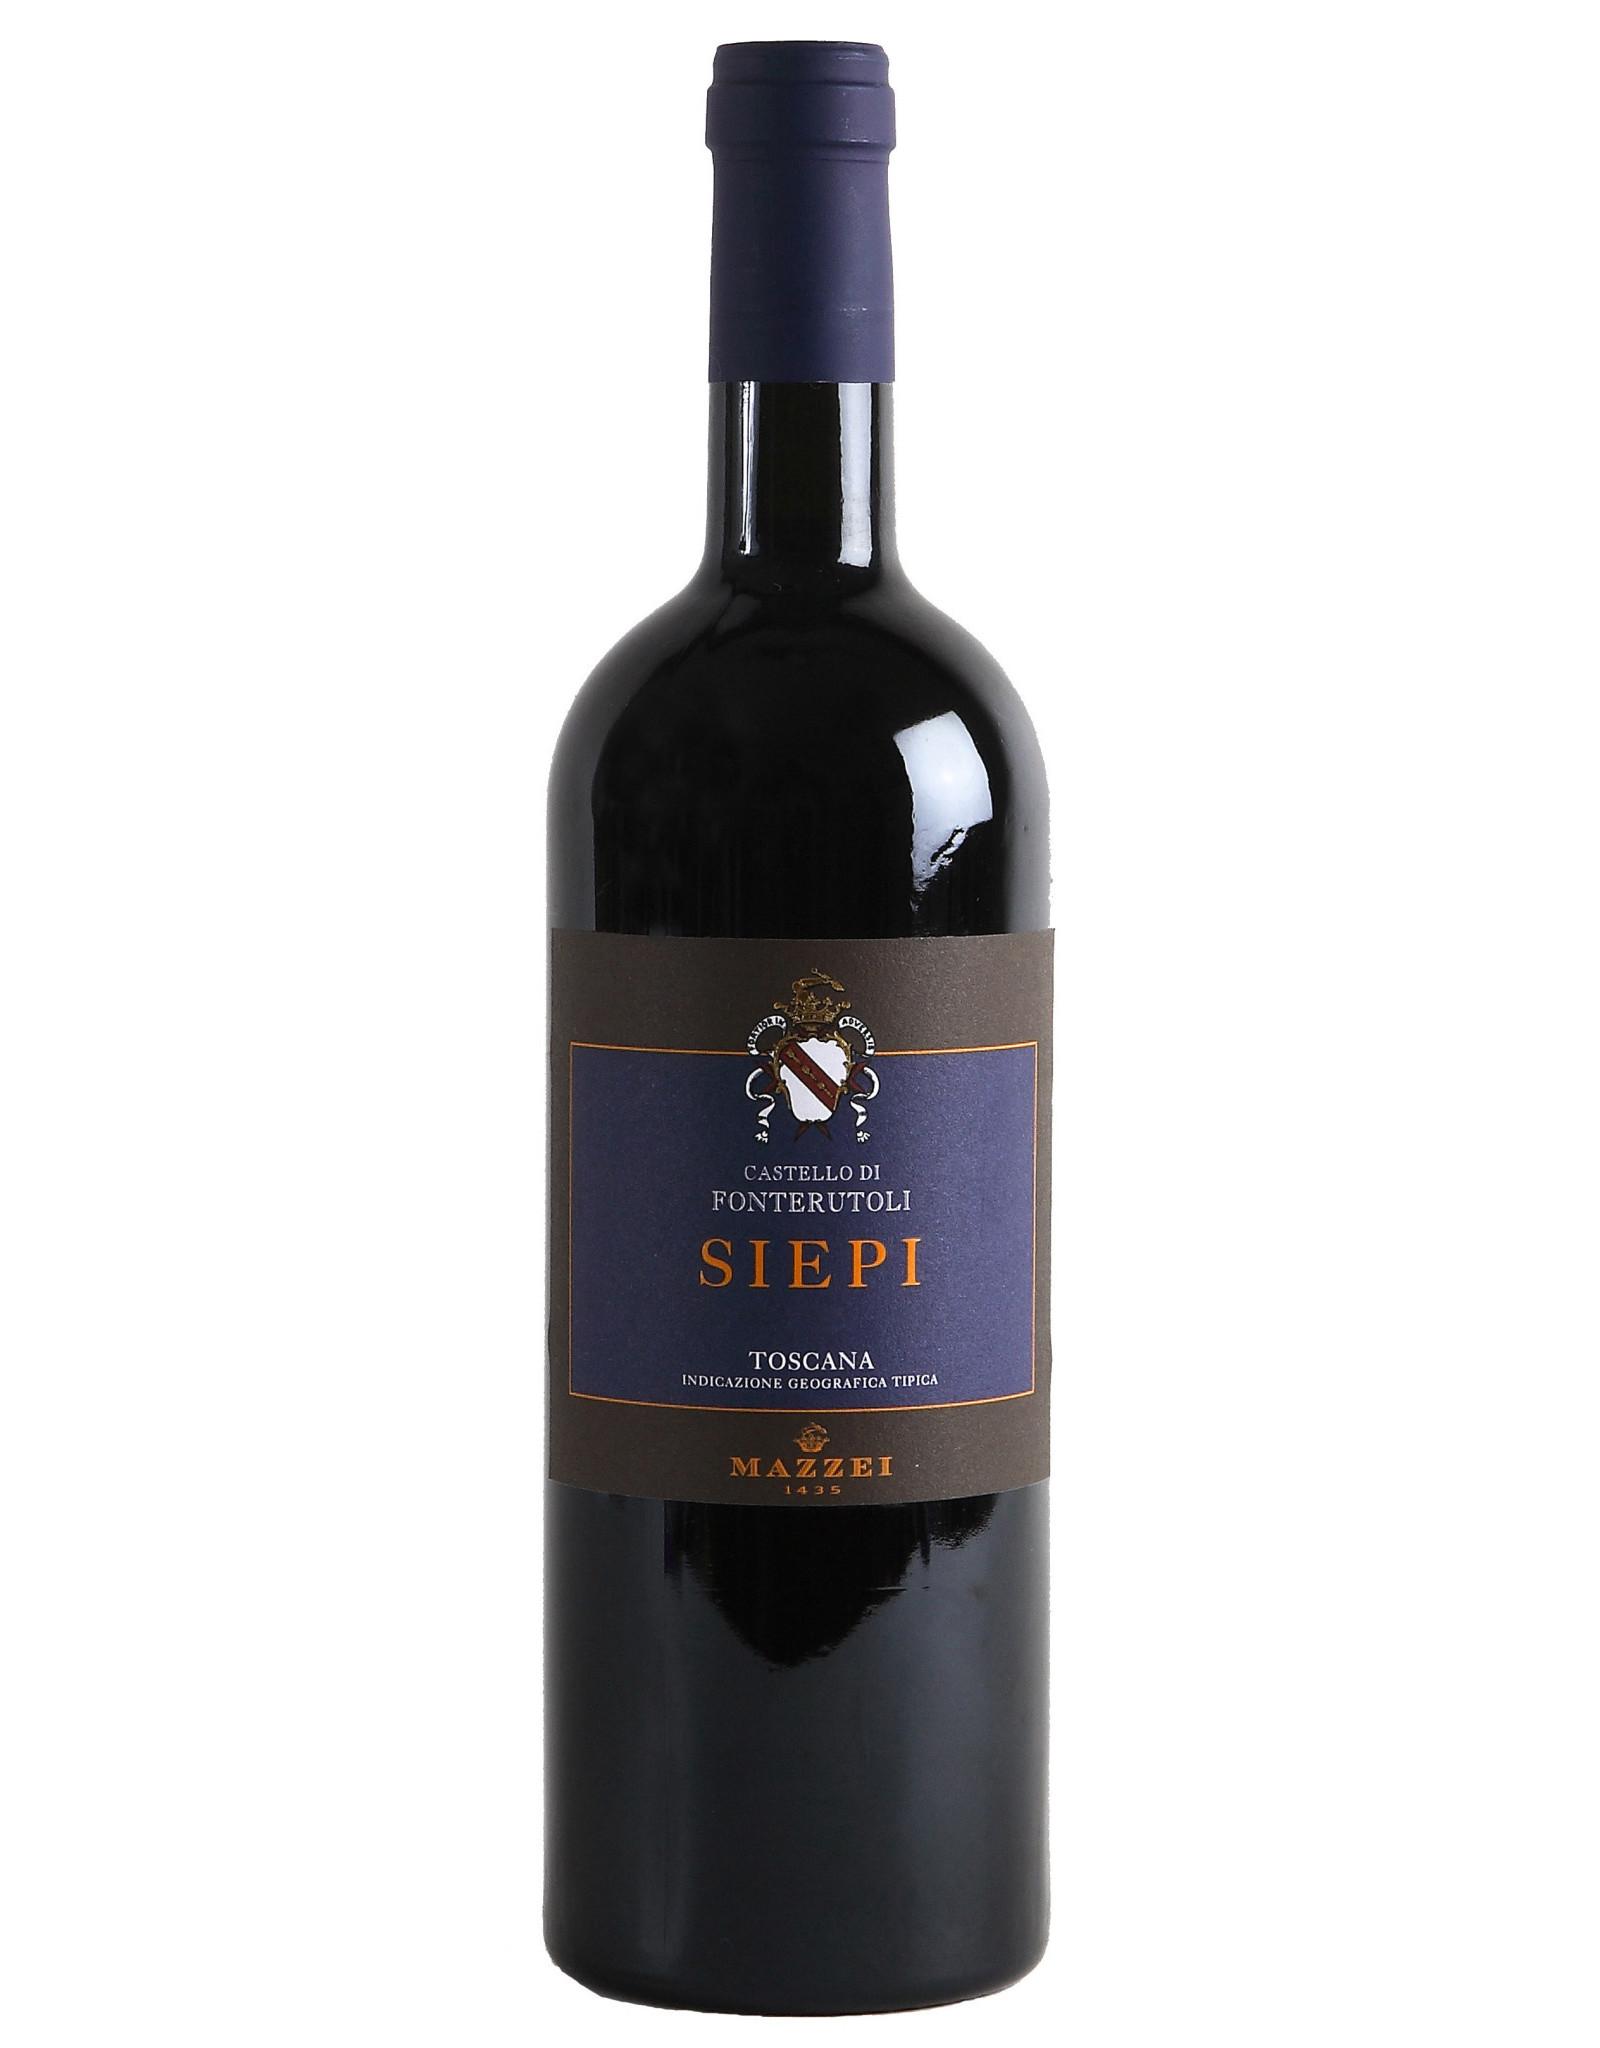 Mazzei 'Siepi' Toscana 2006